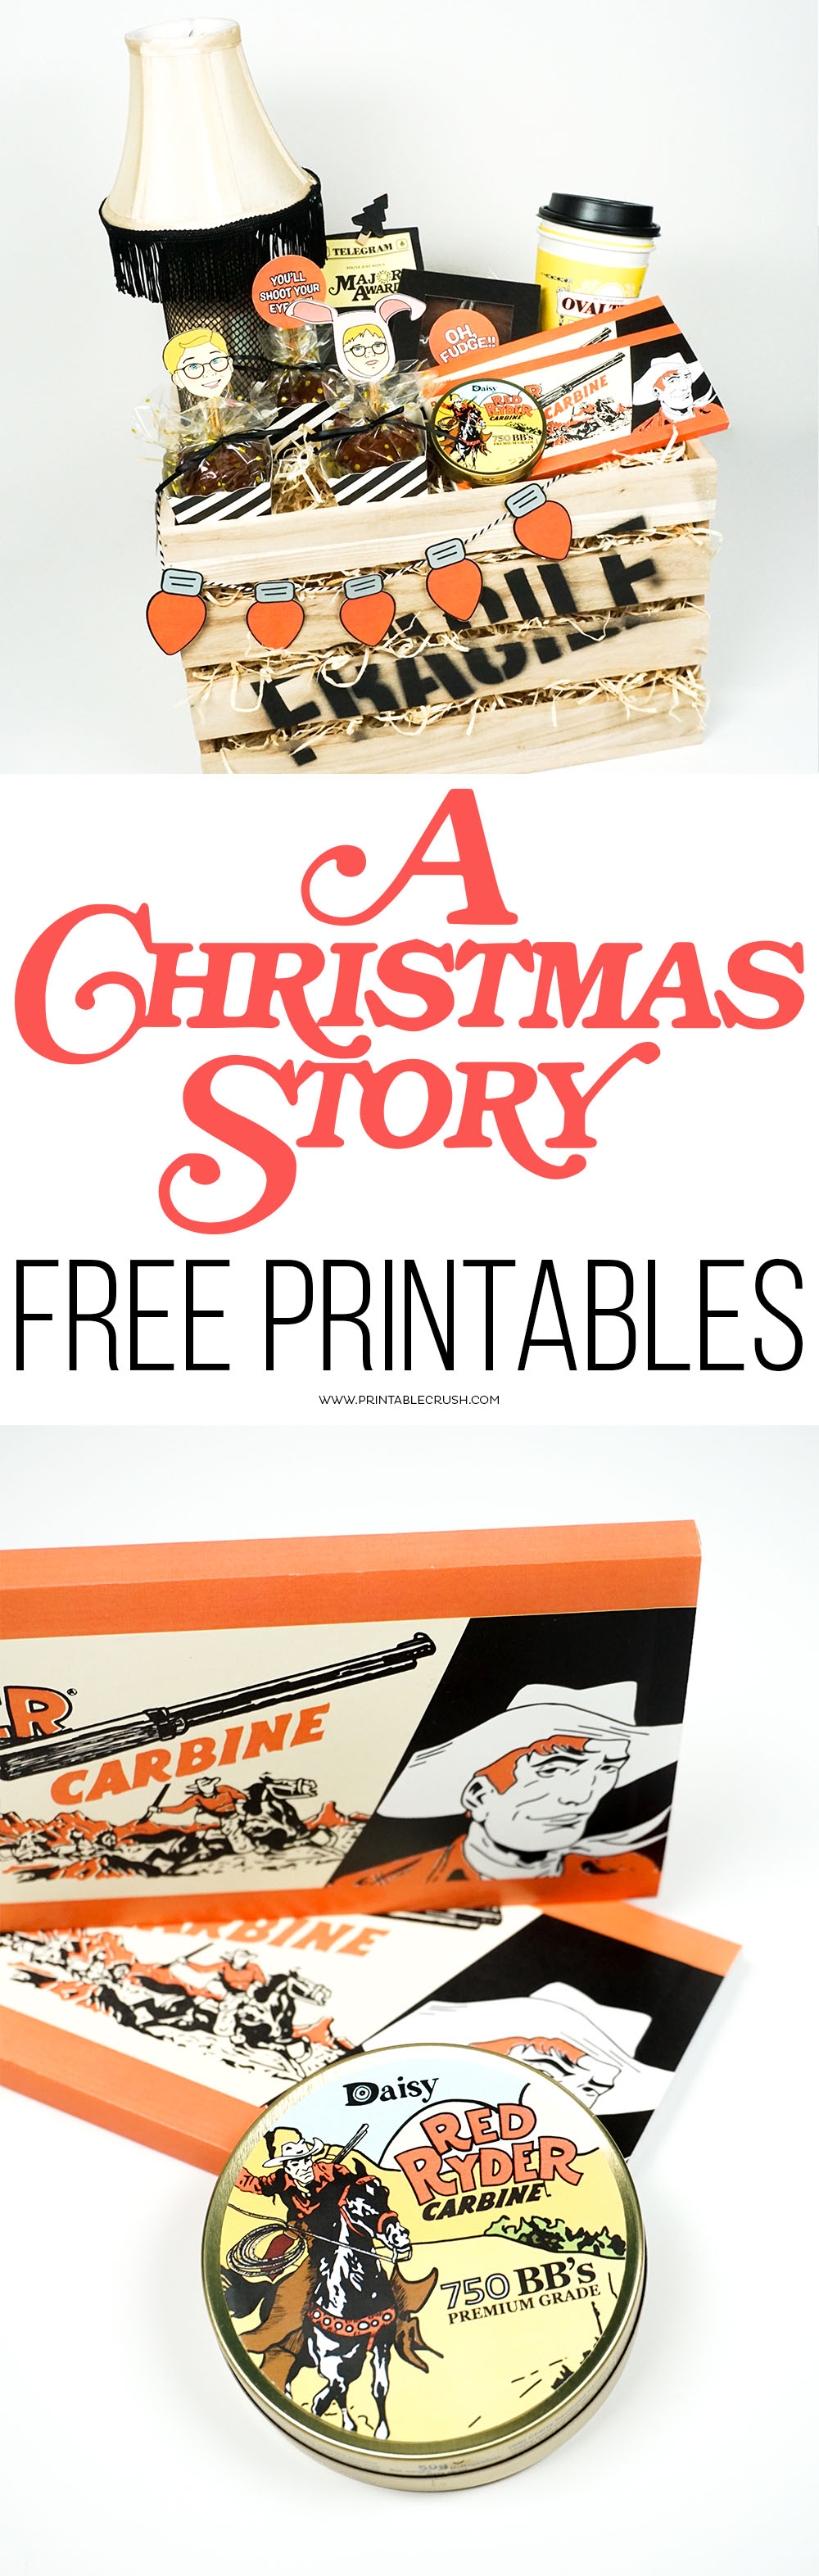 Accomplished image pertaining to free printable christmas story